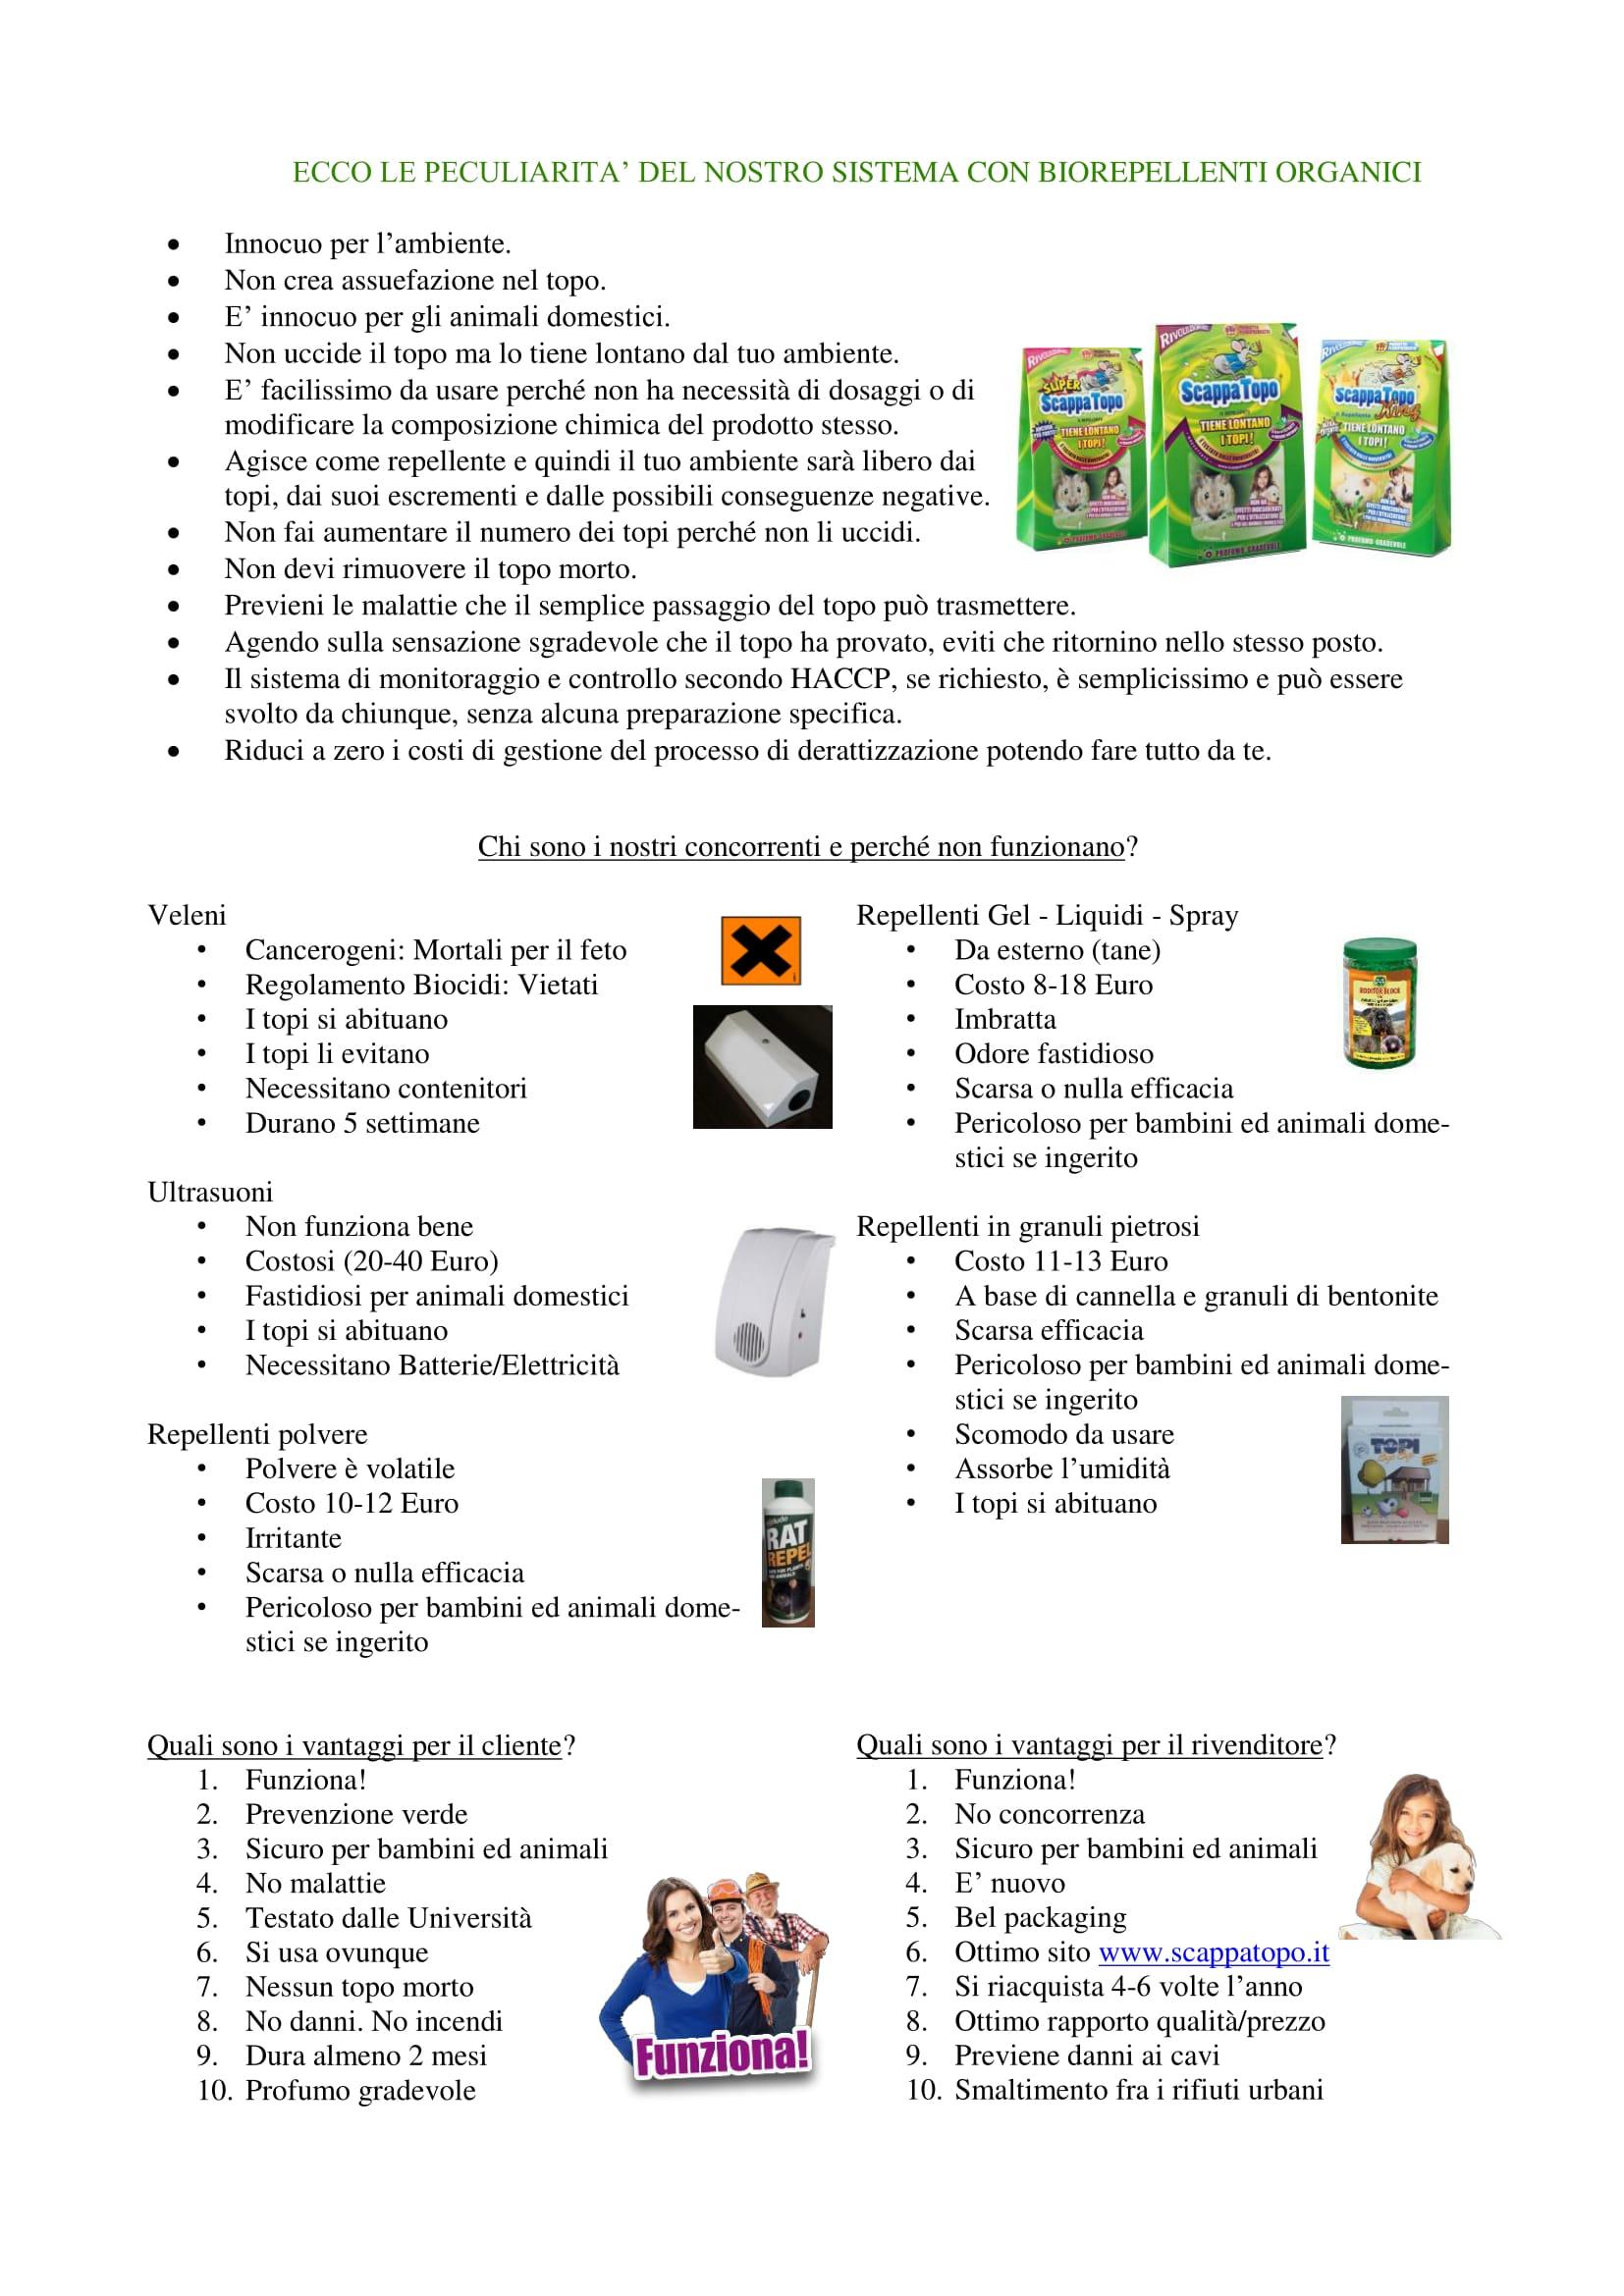 testo biorepellenti